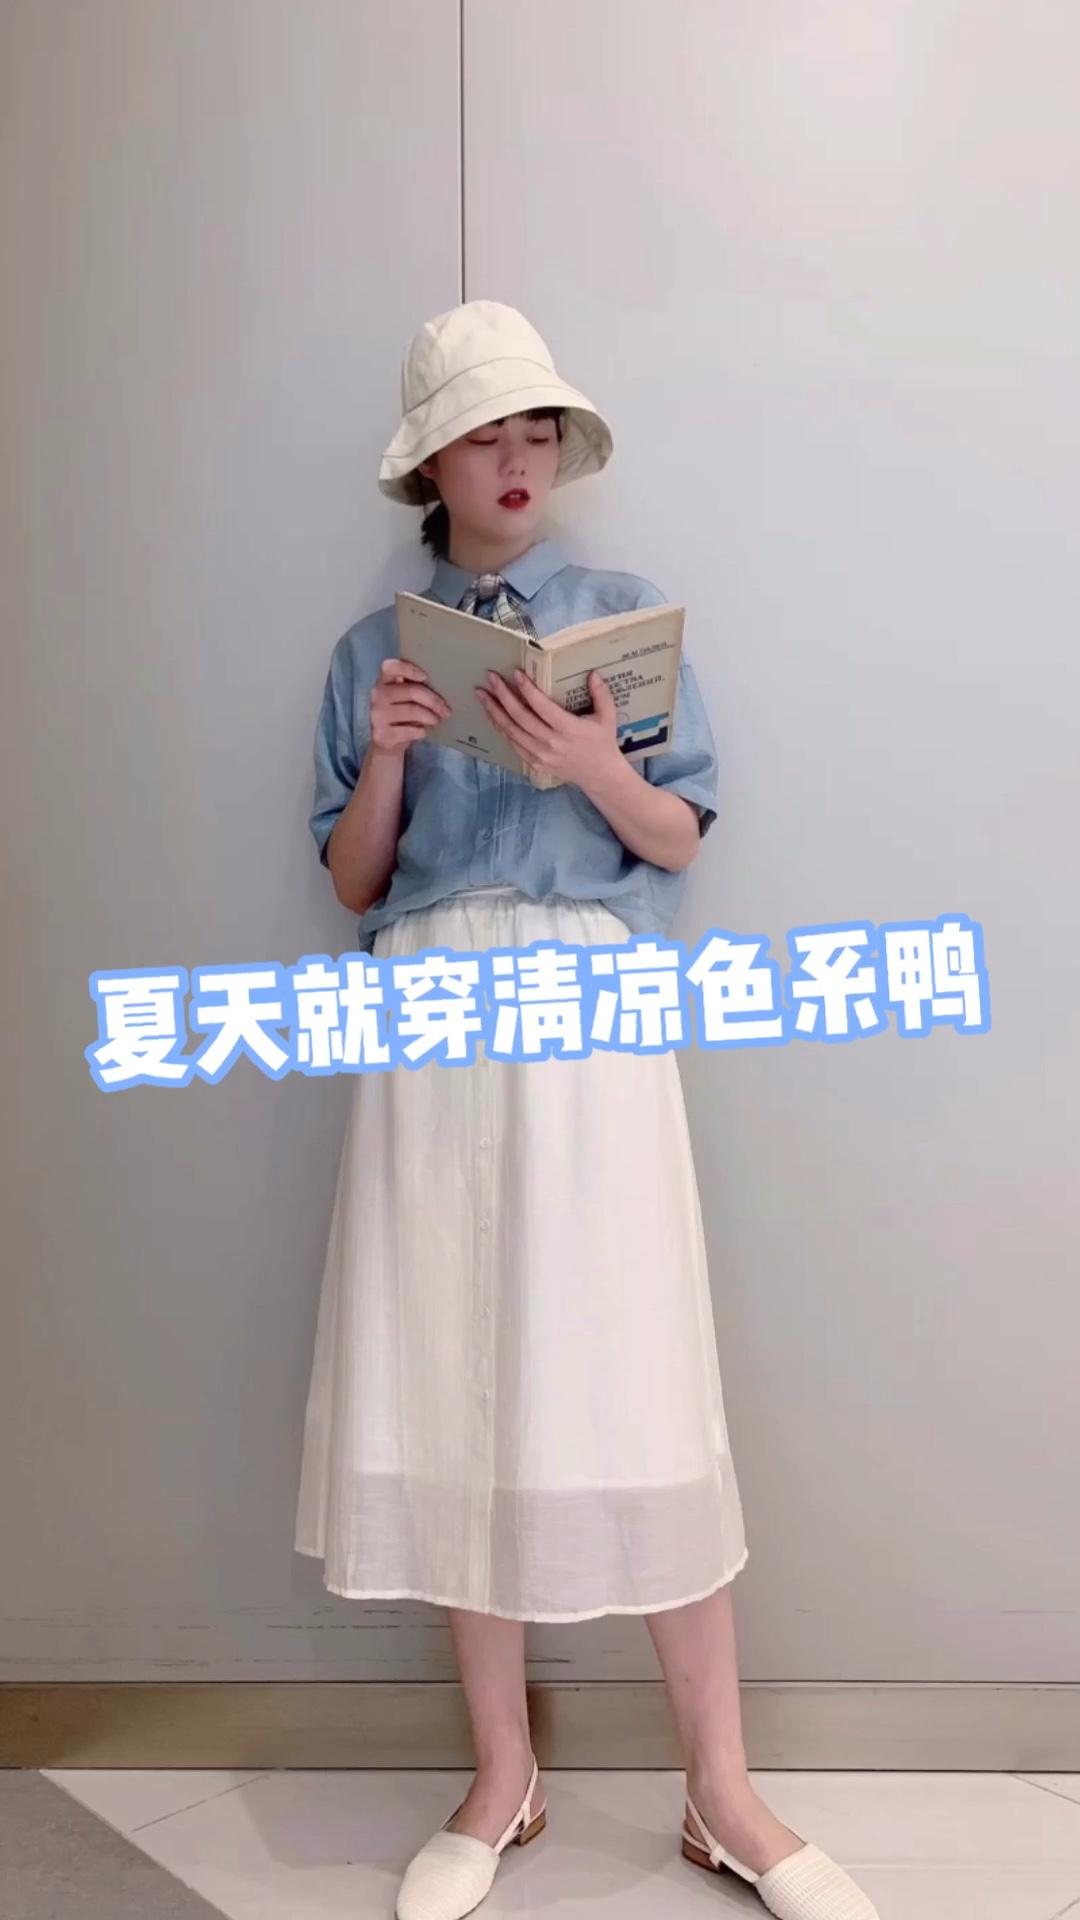 夏天就是要清凉色系搭配呀 看起来比较舒服哦 蓝白搭配真的很小清新啦 帽子选择跟裙子还有鞋子一个色系的 搭配感就出来啦 #仙气降温穿搭,自带冷风机耶#